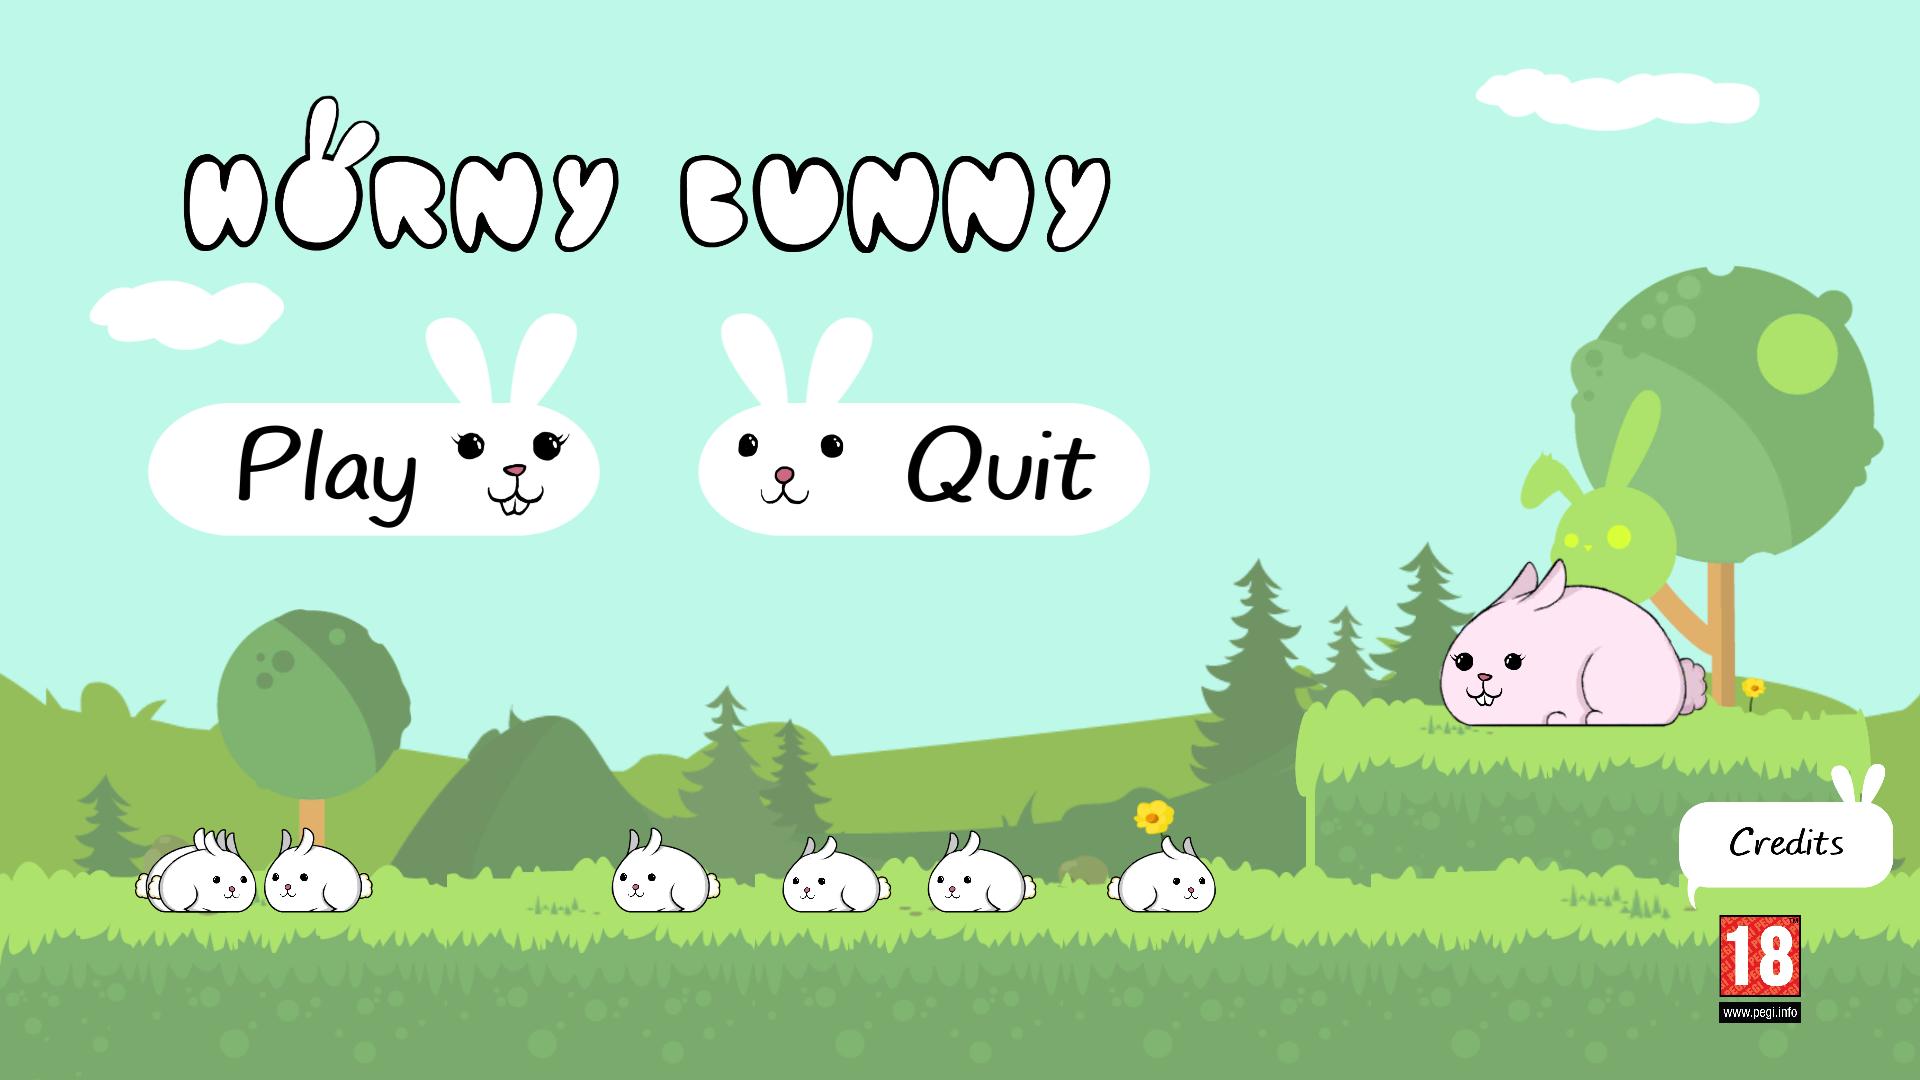 Horny Bunny